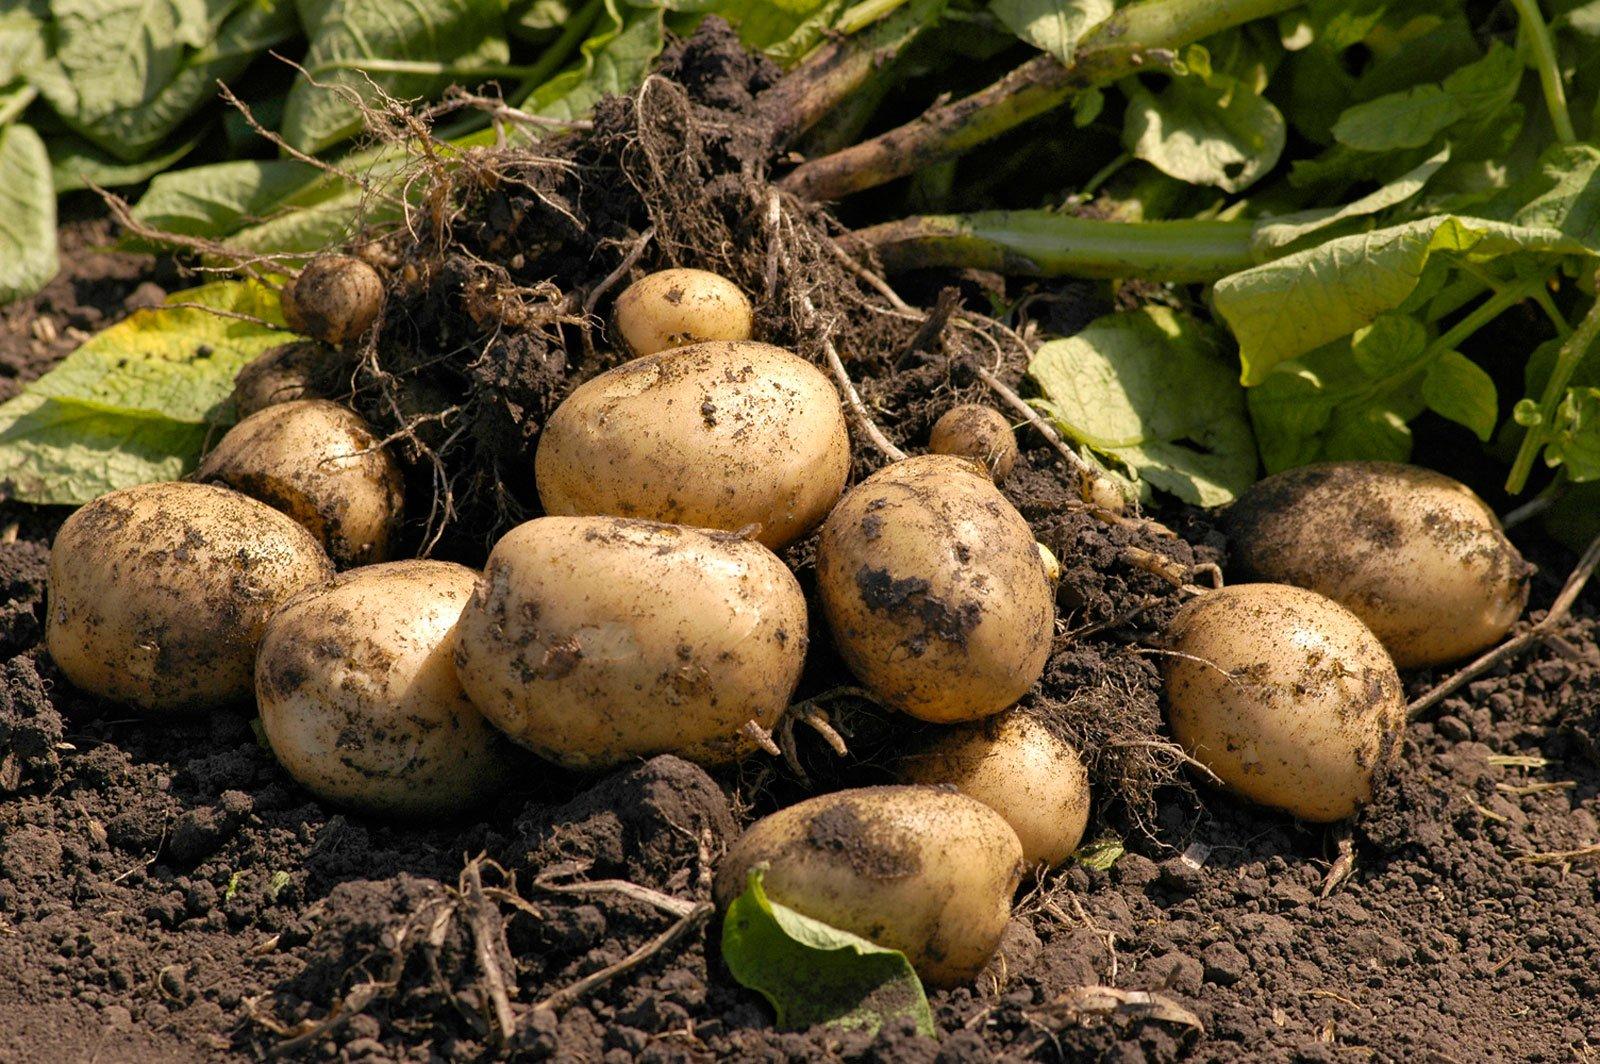 Выращивание картофеля в засушливых районах